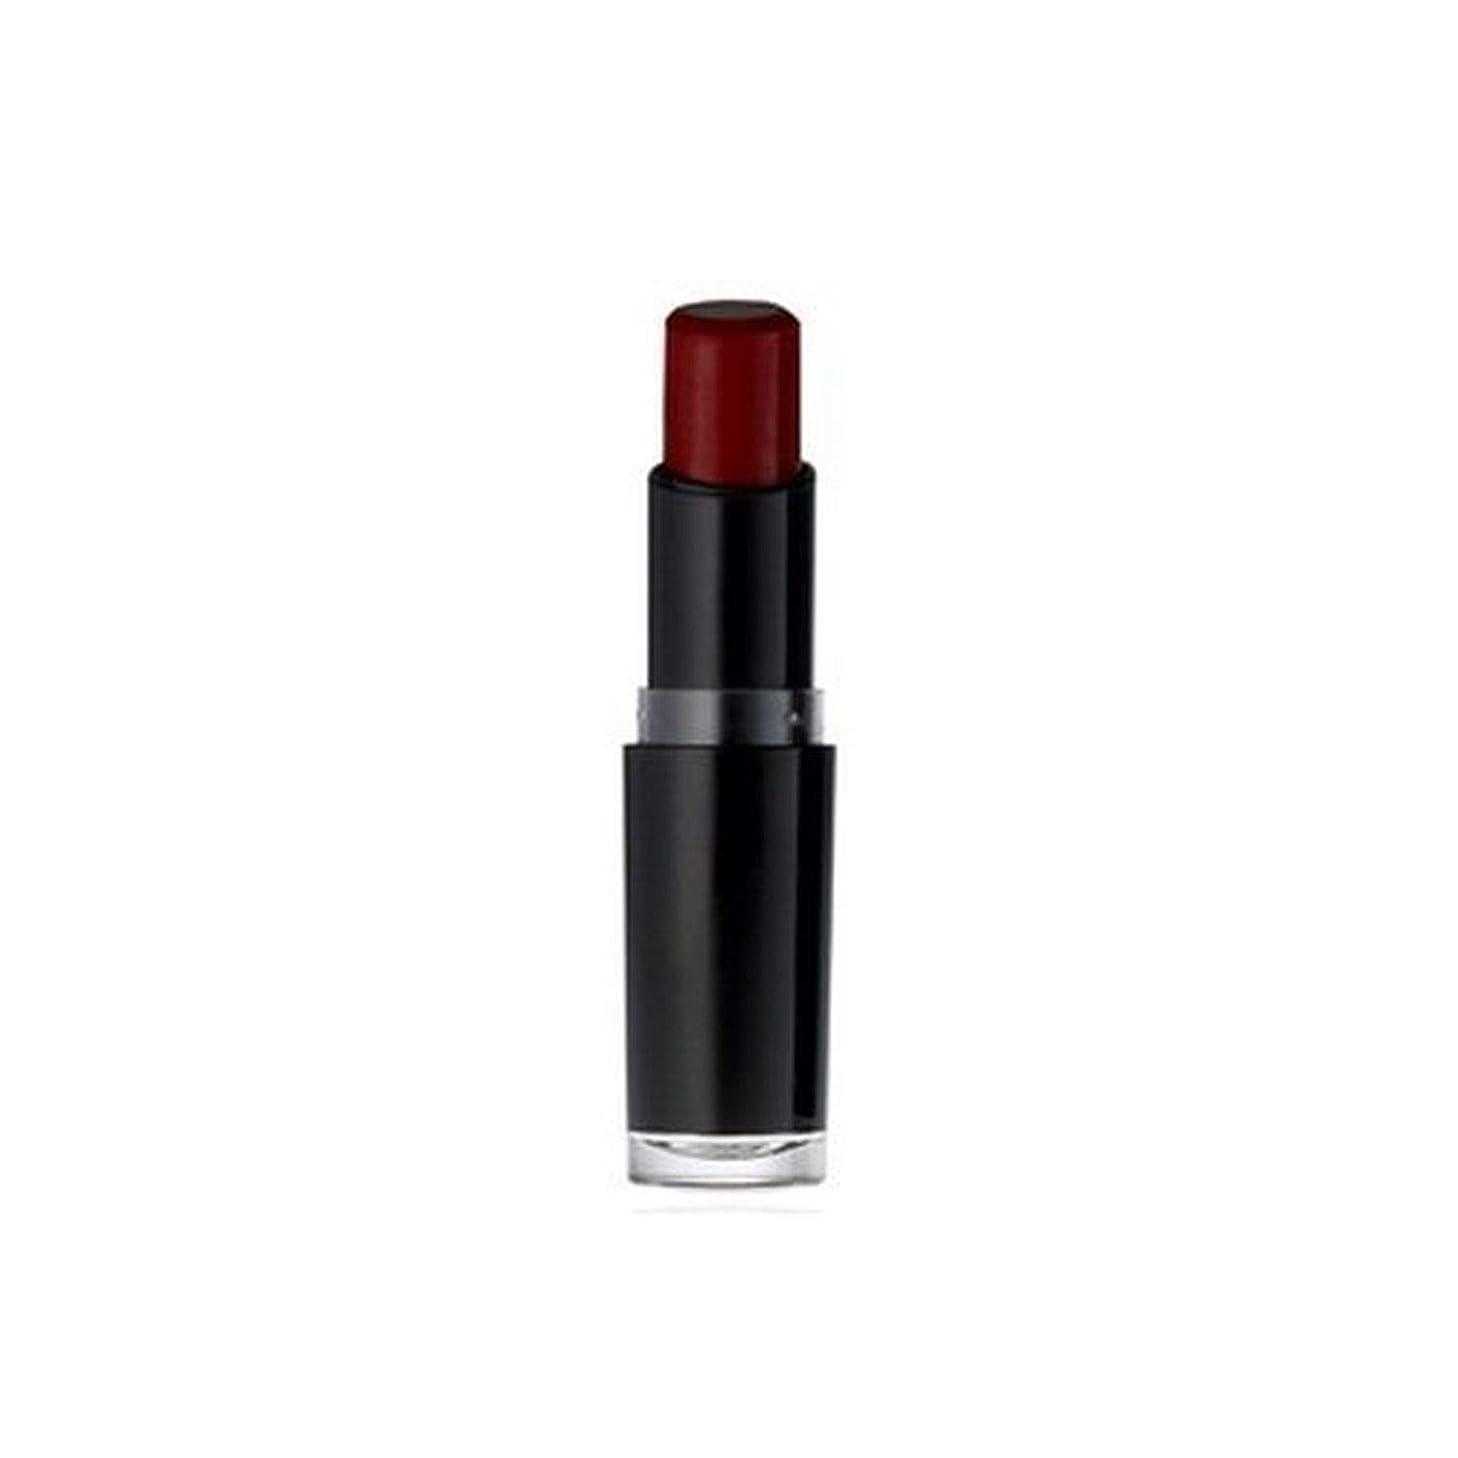 噴火発見競争力のある(3 Pack) WET N WILD Mega Last Matte Lip Cover Cinnamon Spice (並行輸入品)